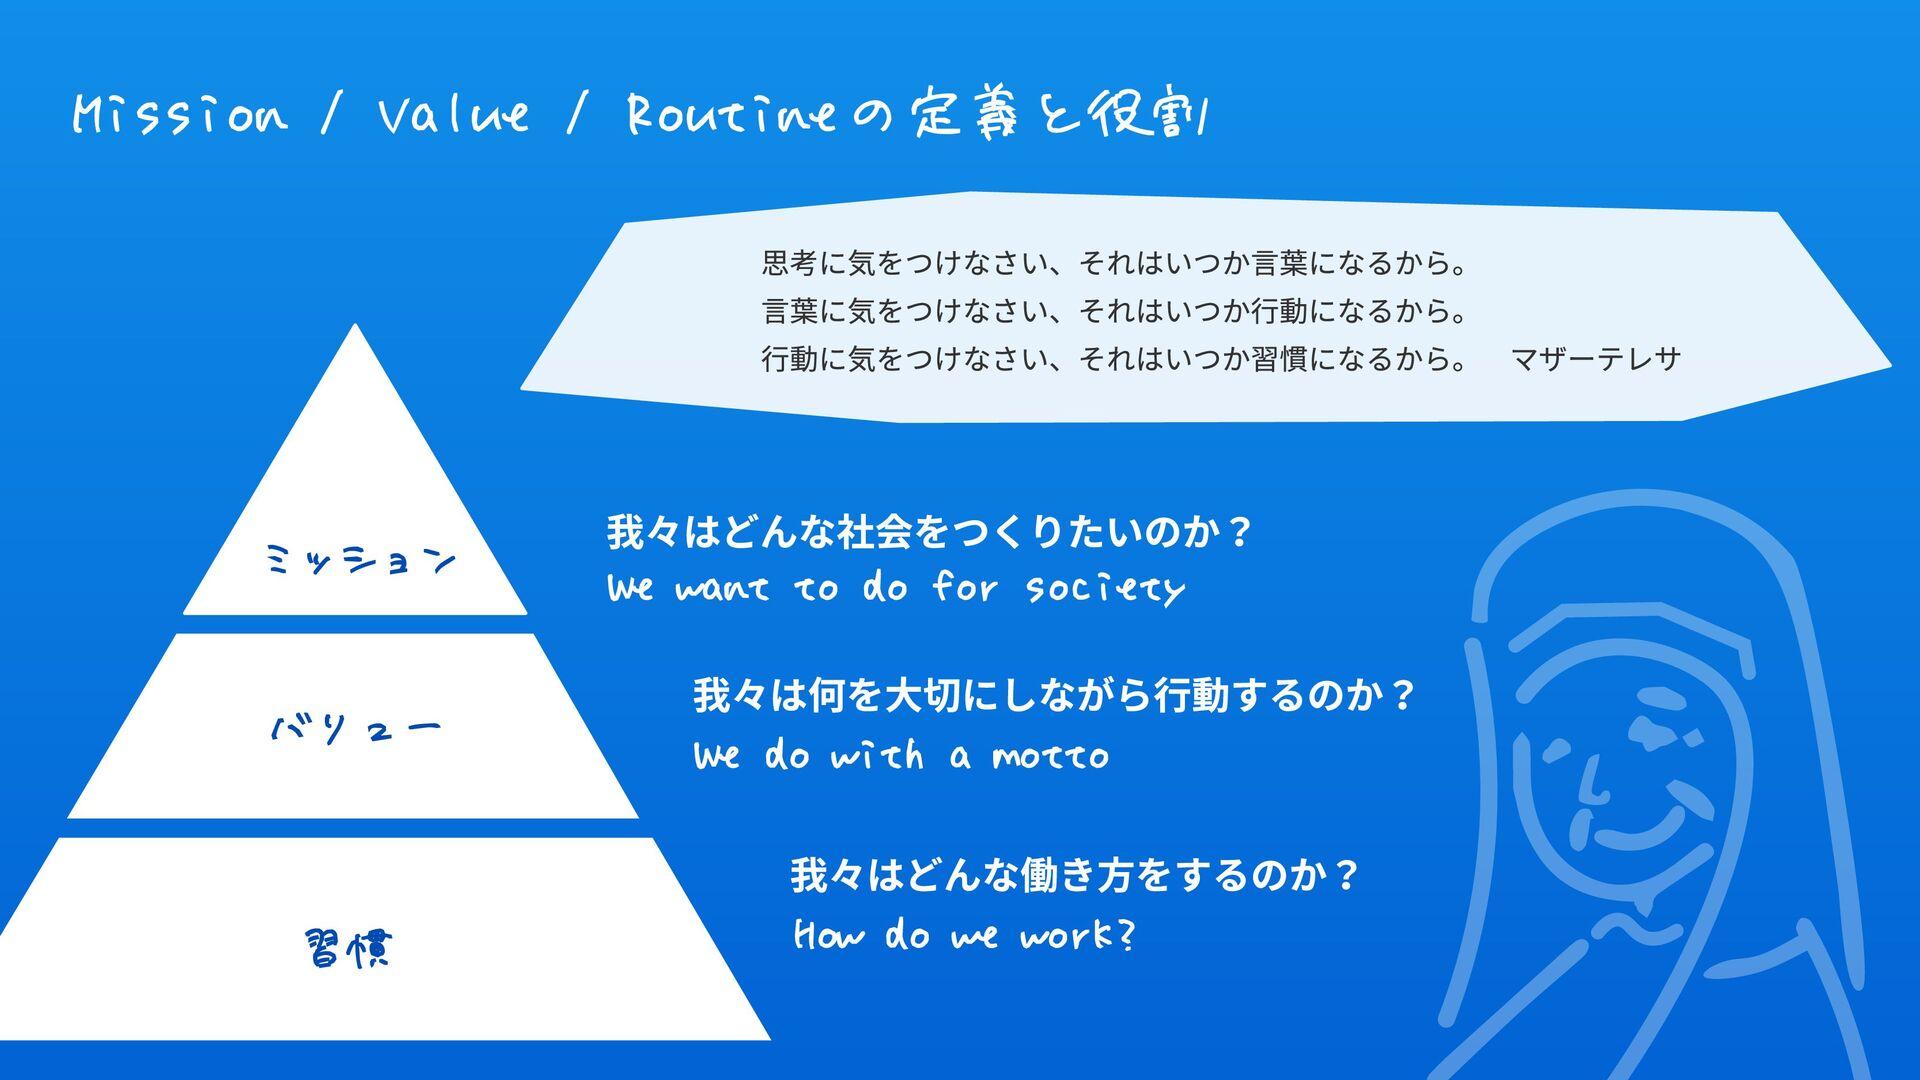 Culture Deck - ミッション どうやって⻘春の⼤⼈を増やすの︖ HR業界のアタリマ...